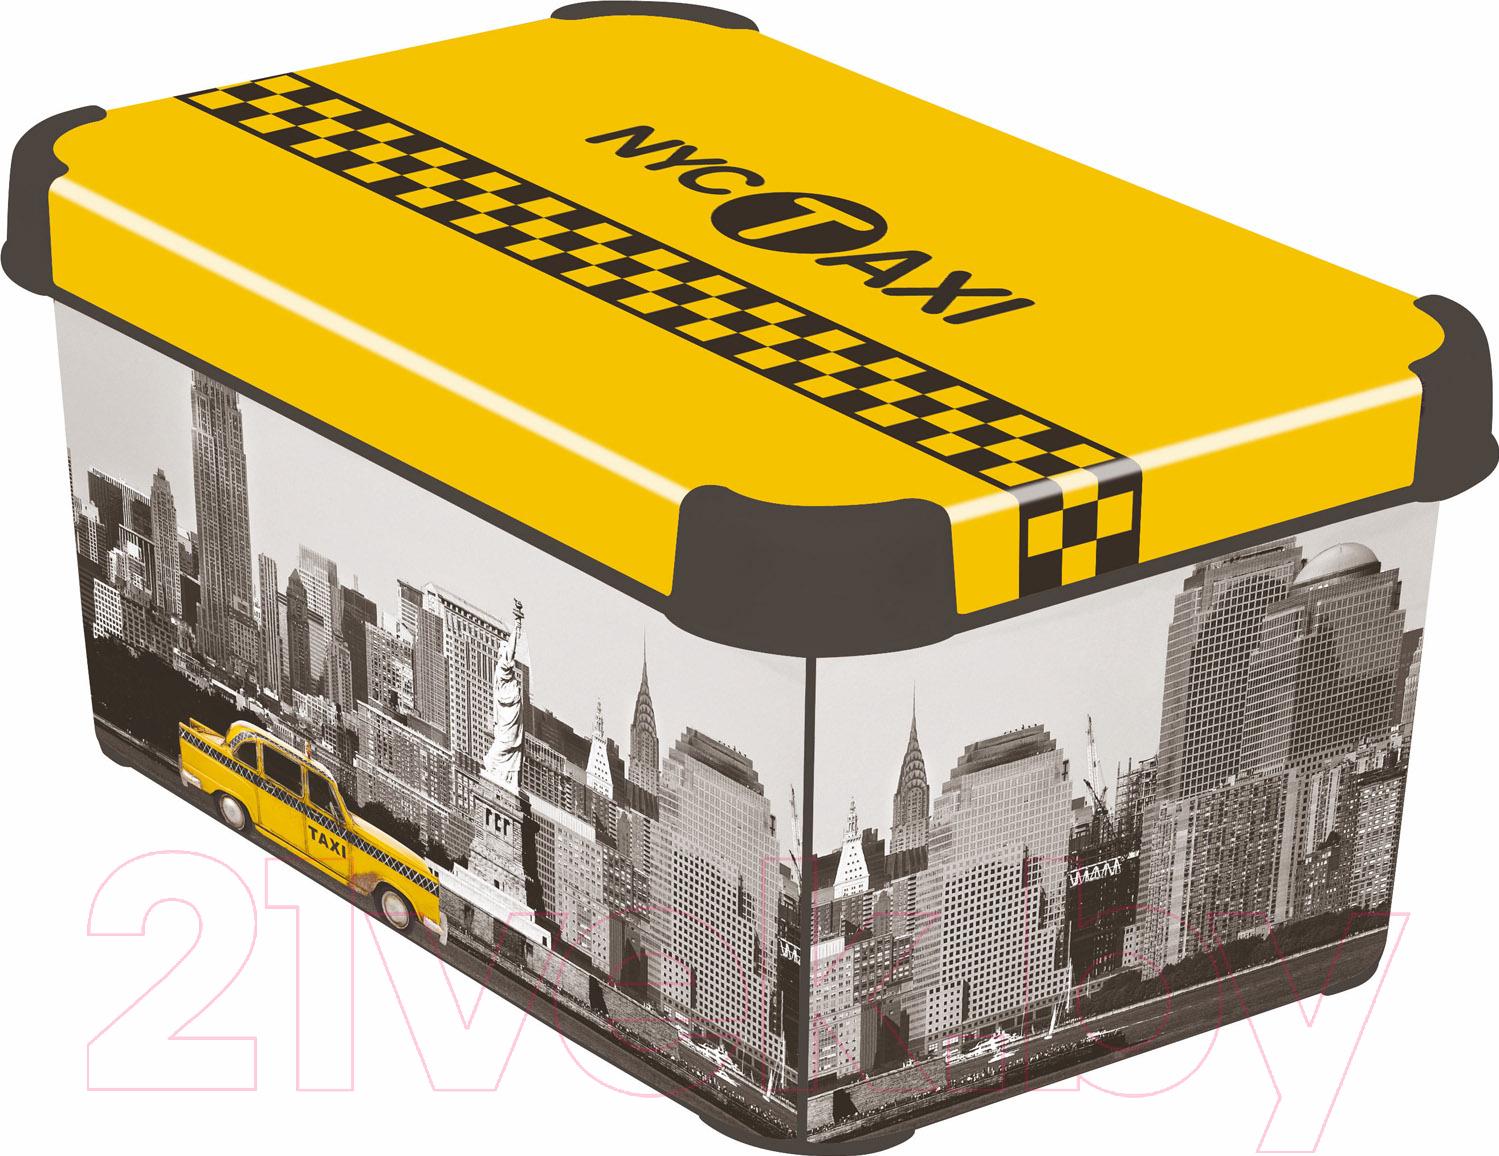 Купить Контейнер для хранения Curver, Deco Stockholm S 04710-D16-00 / 197125 (такси), Польша, пластик